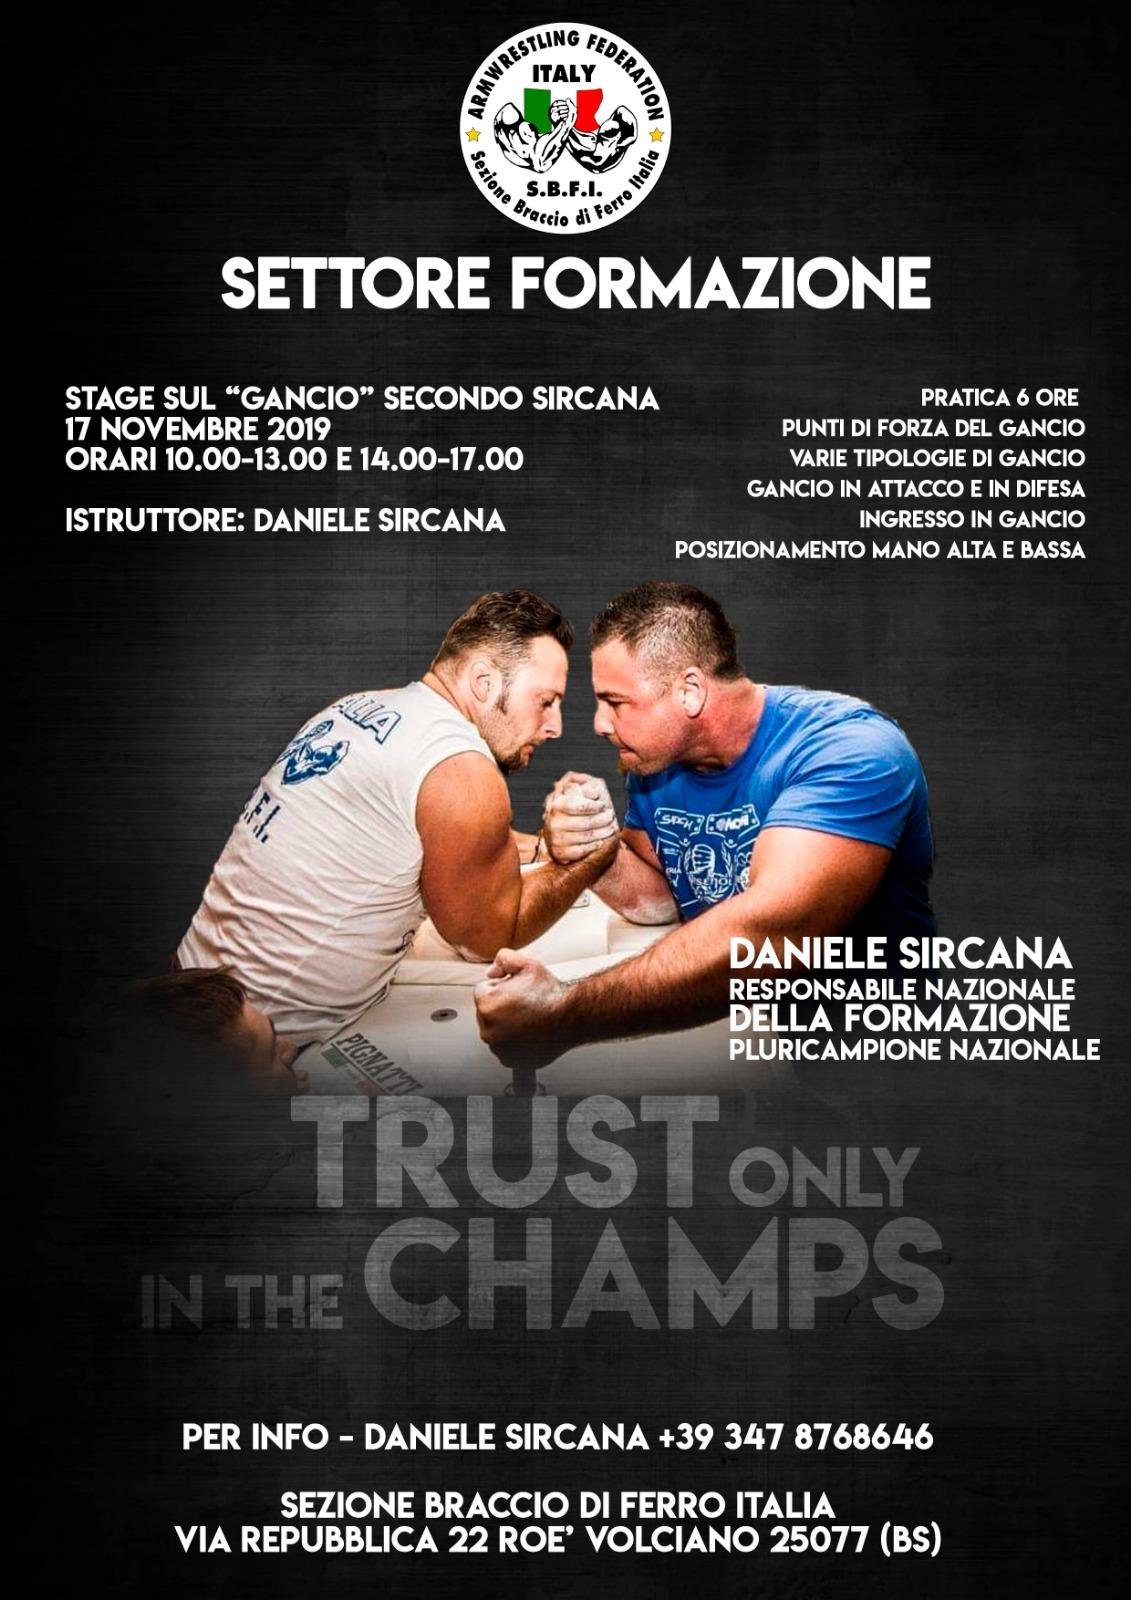 SBFI - Sezione Braccio di Ferro Italia - Stage gancio 17 Novembre 2019